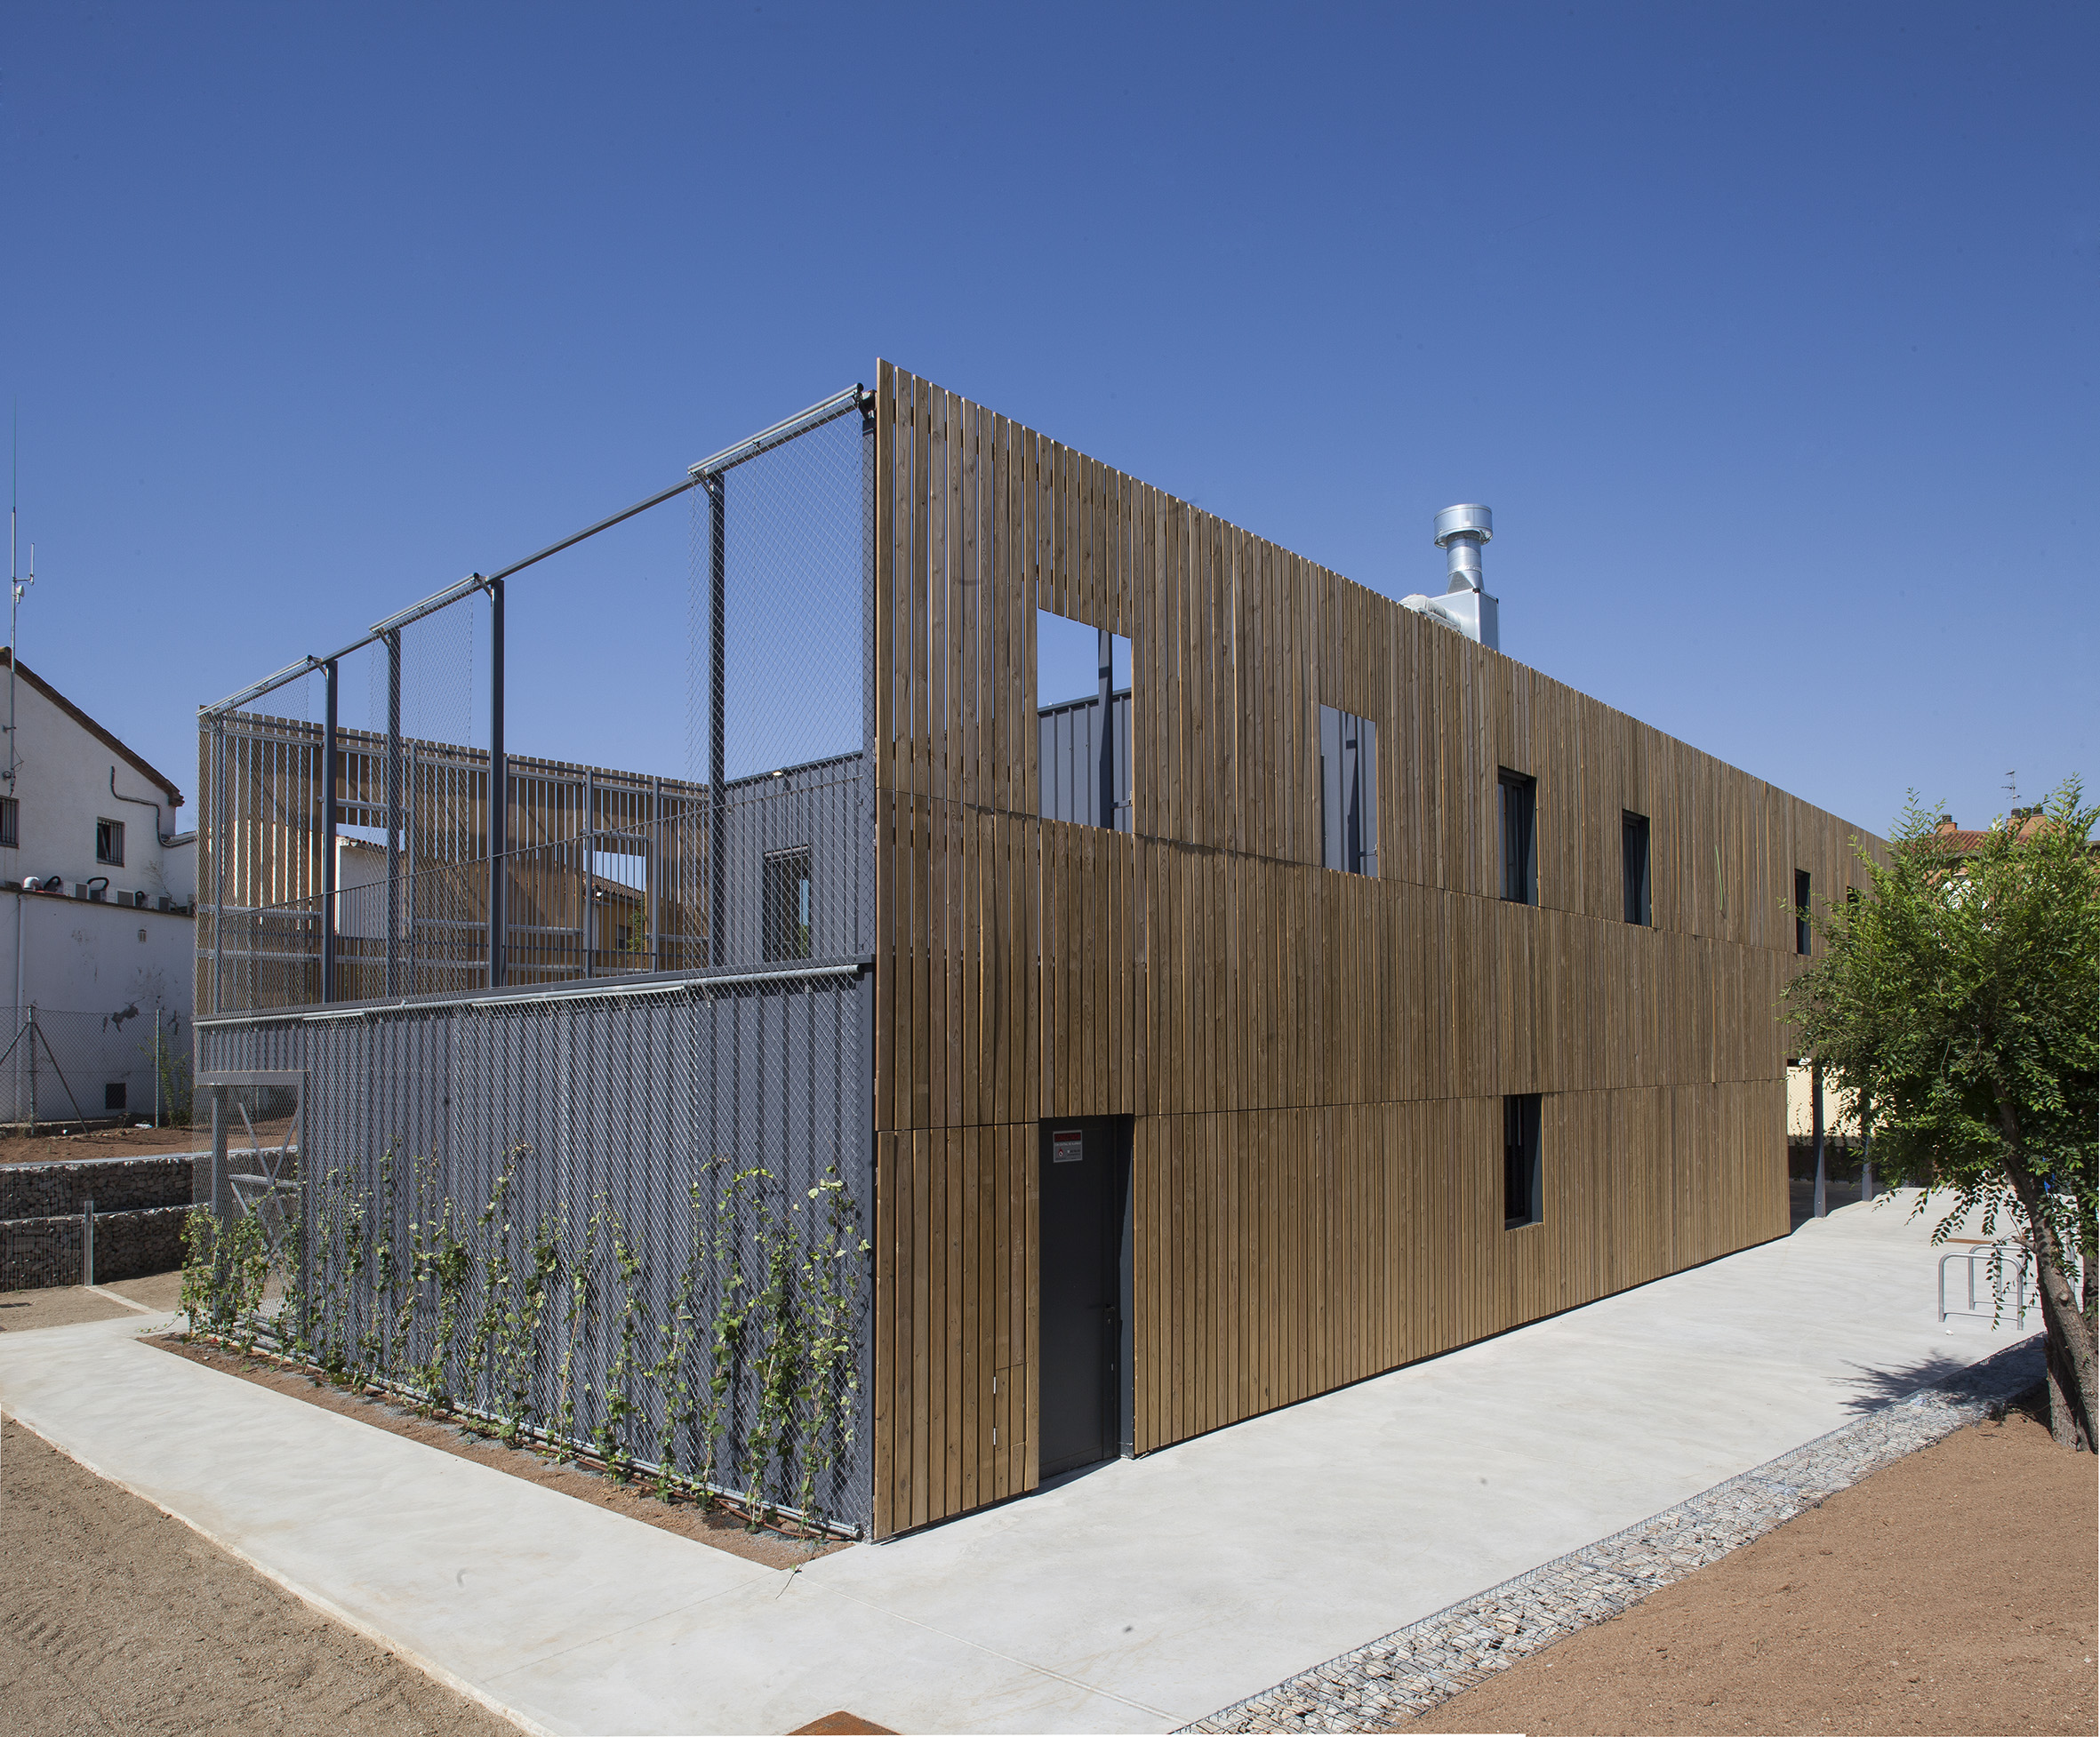 Revestimientos de composite, madera y fibrocemento para la fachada ventilada ARKWALL